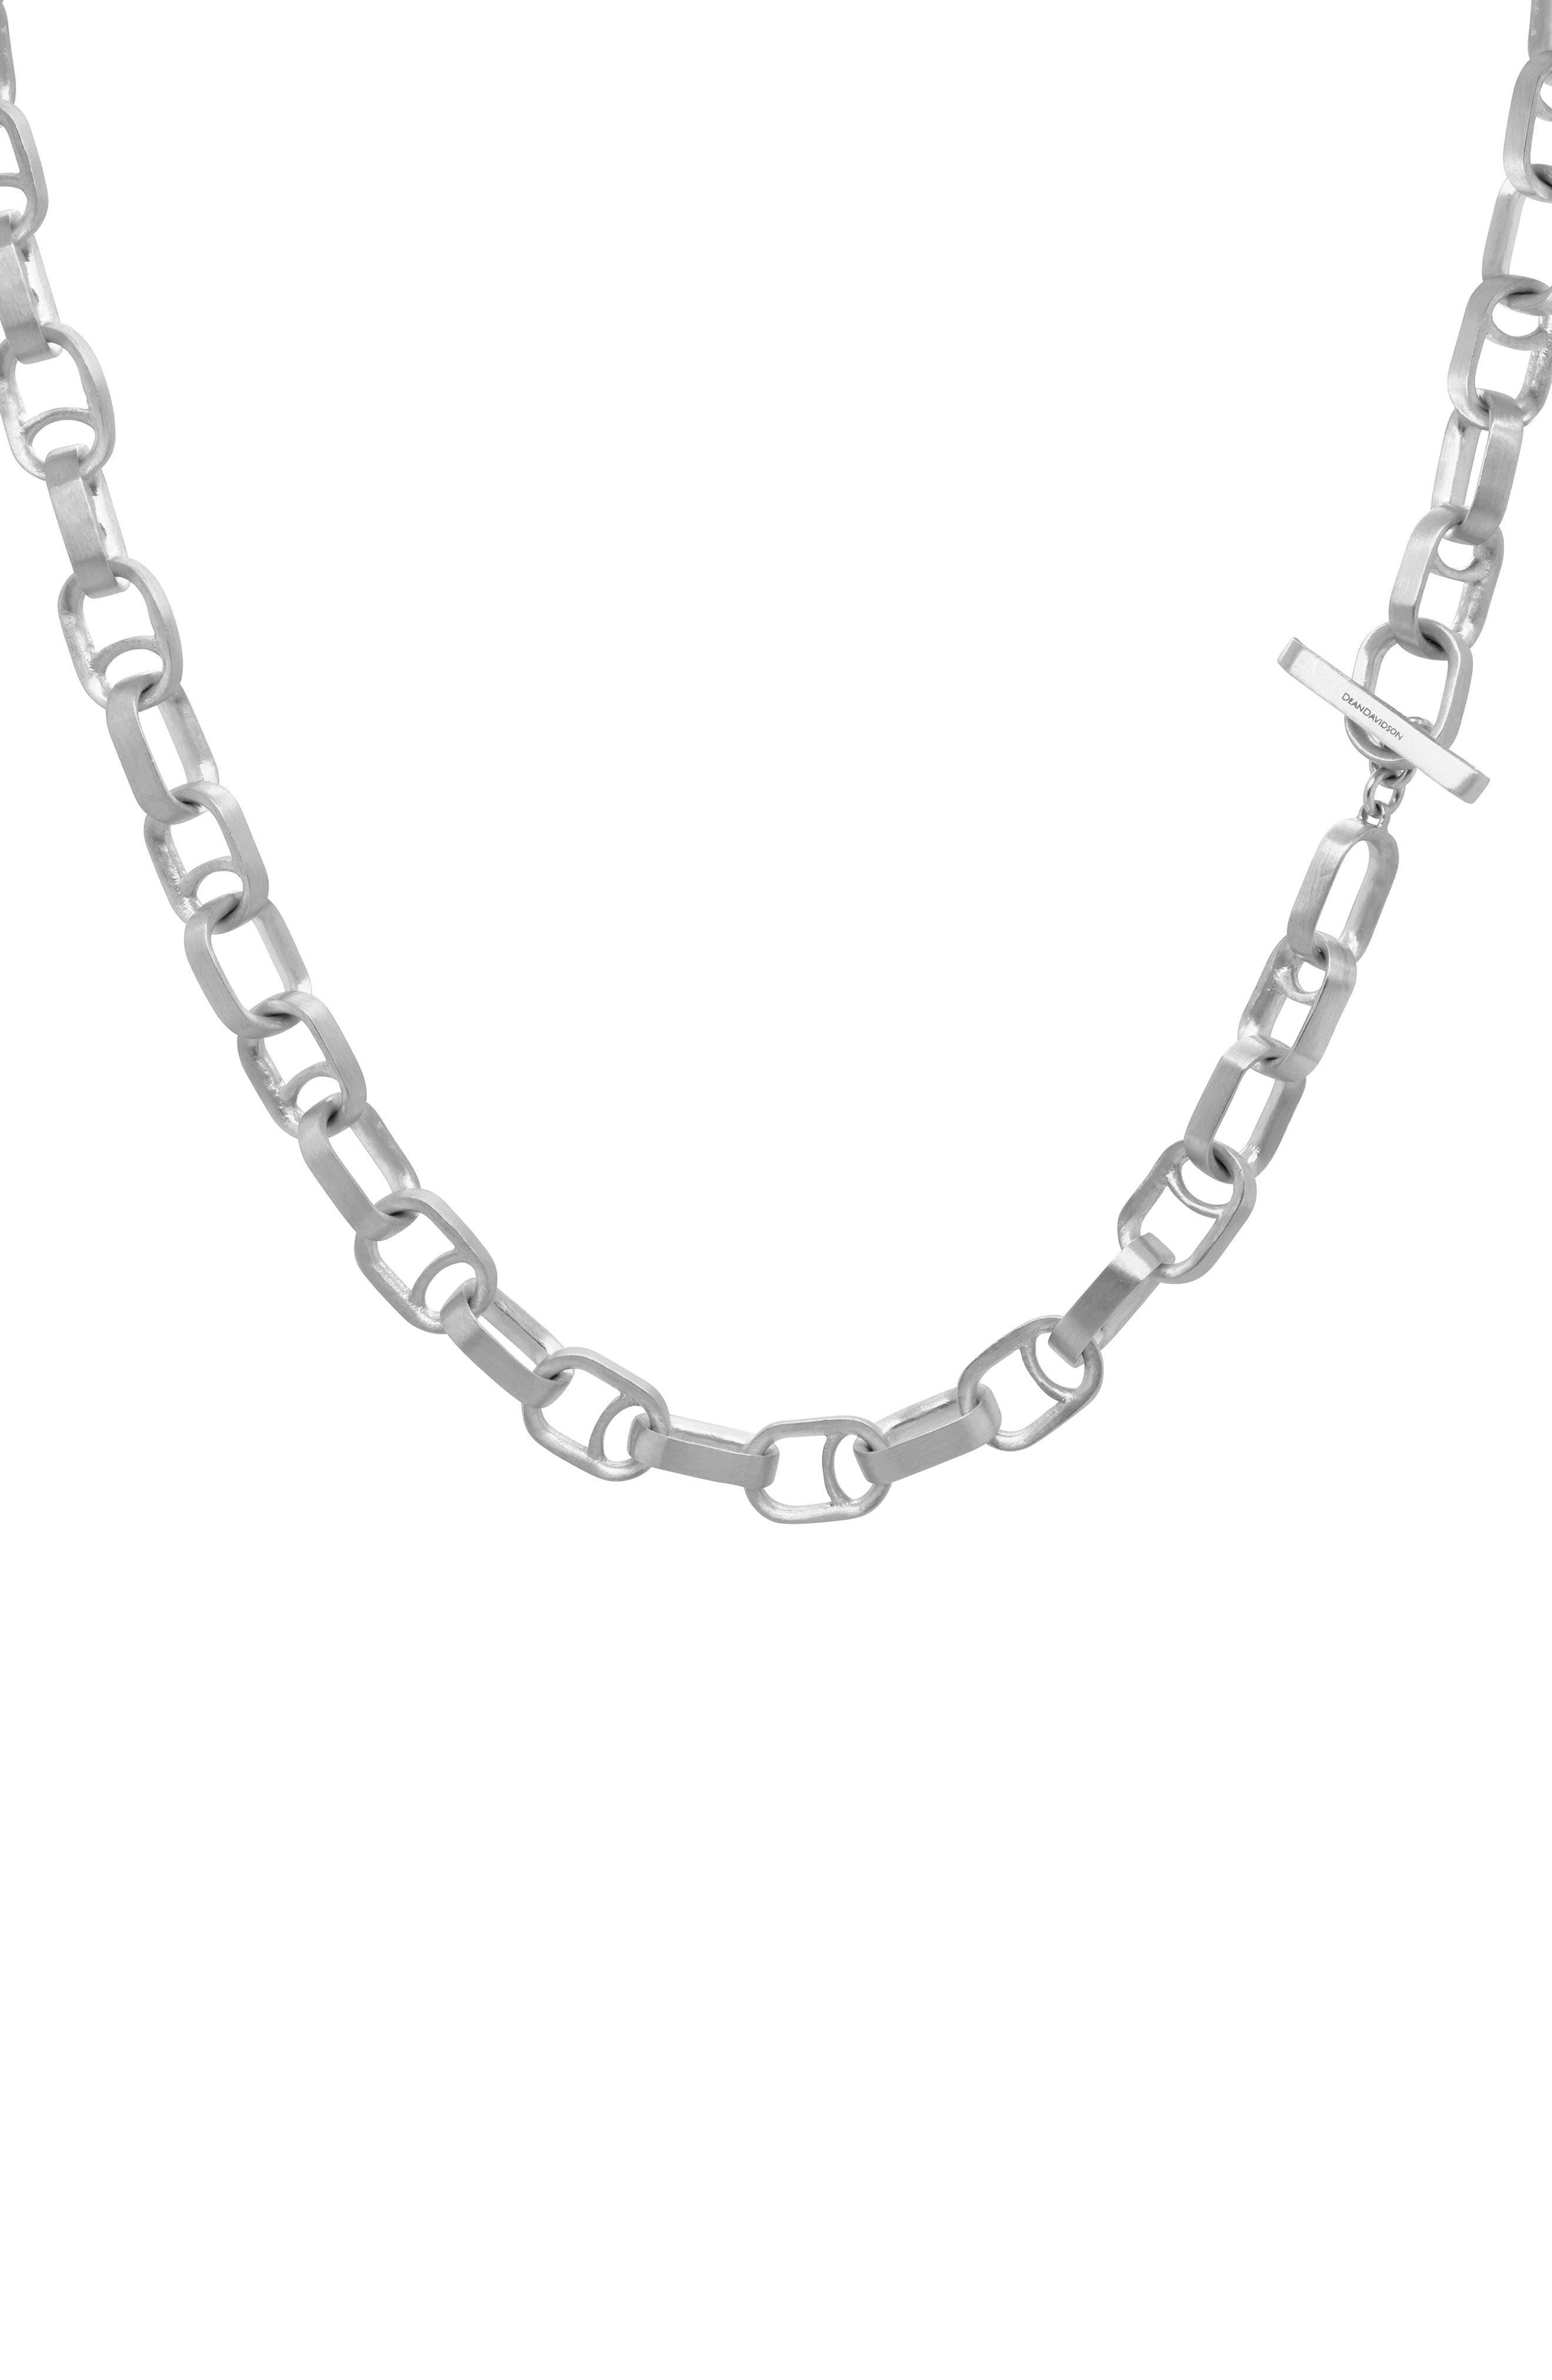 Manhattan Chain Link Necklace